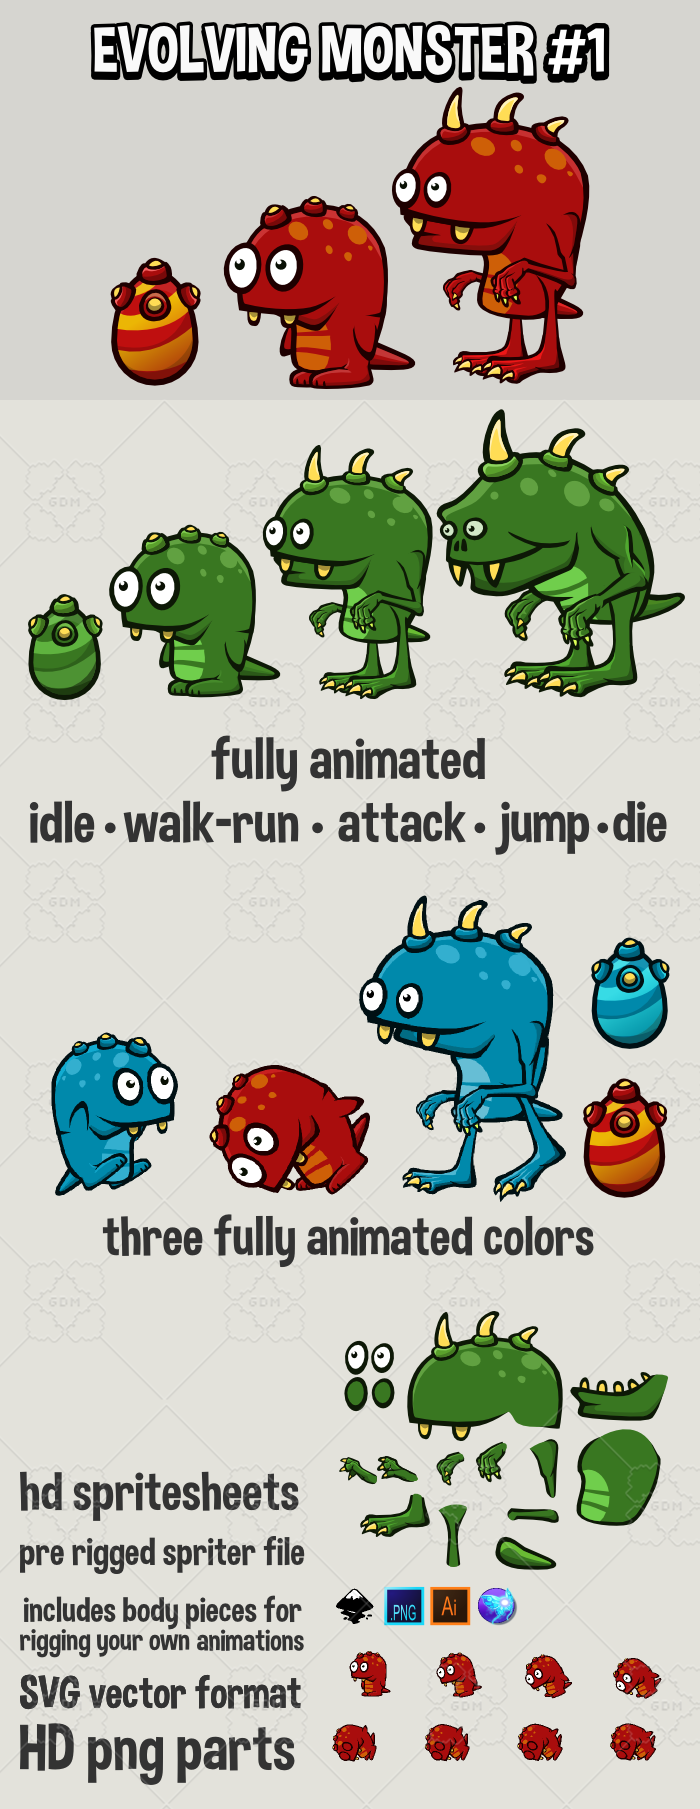 Evolving monster 1